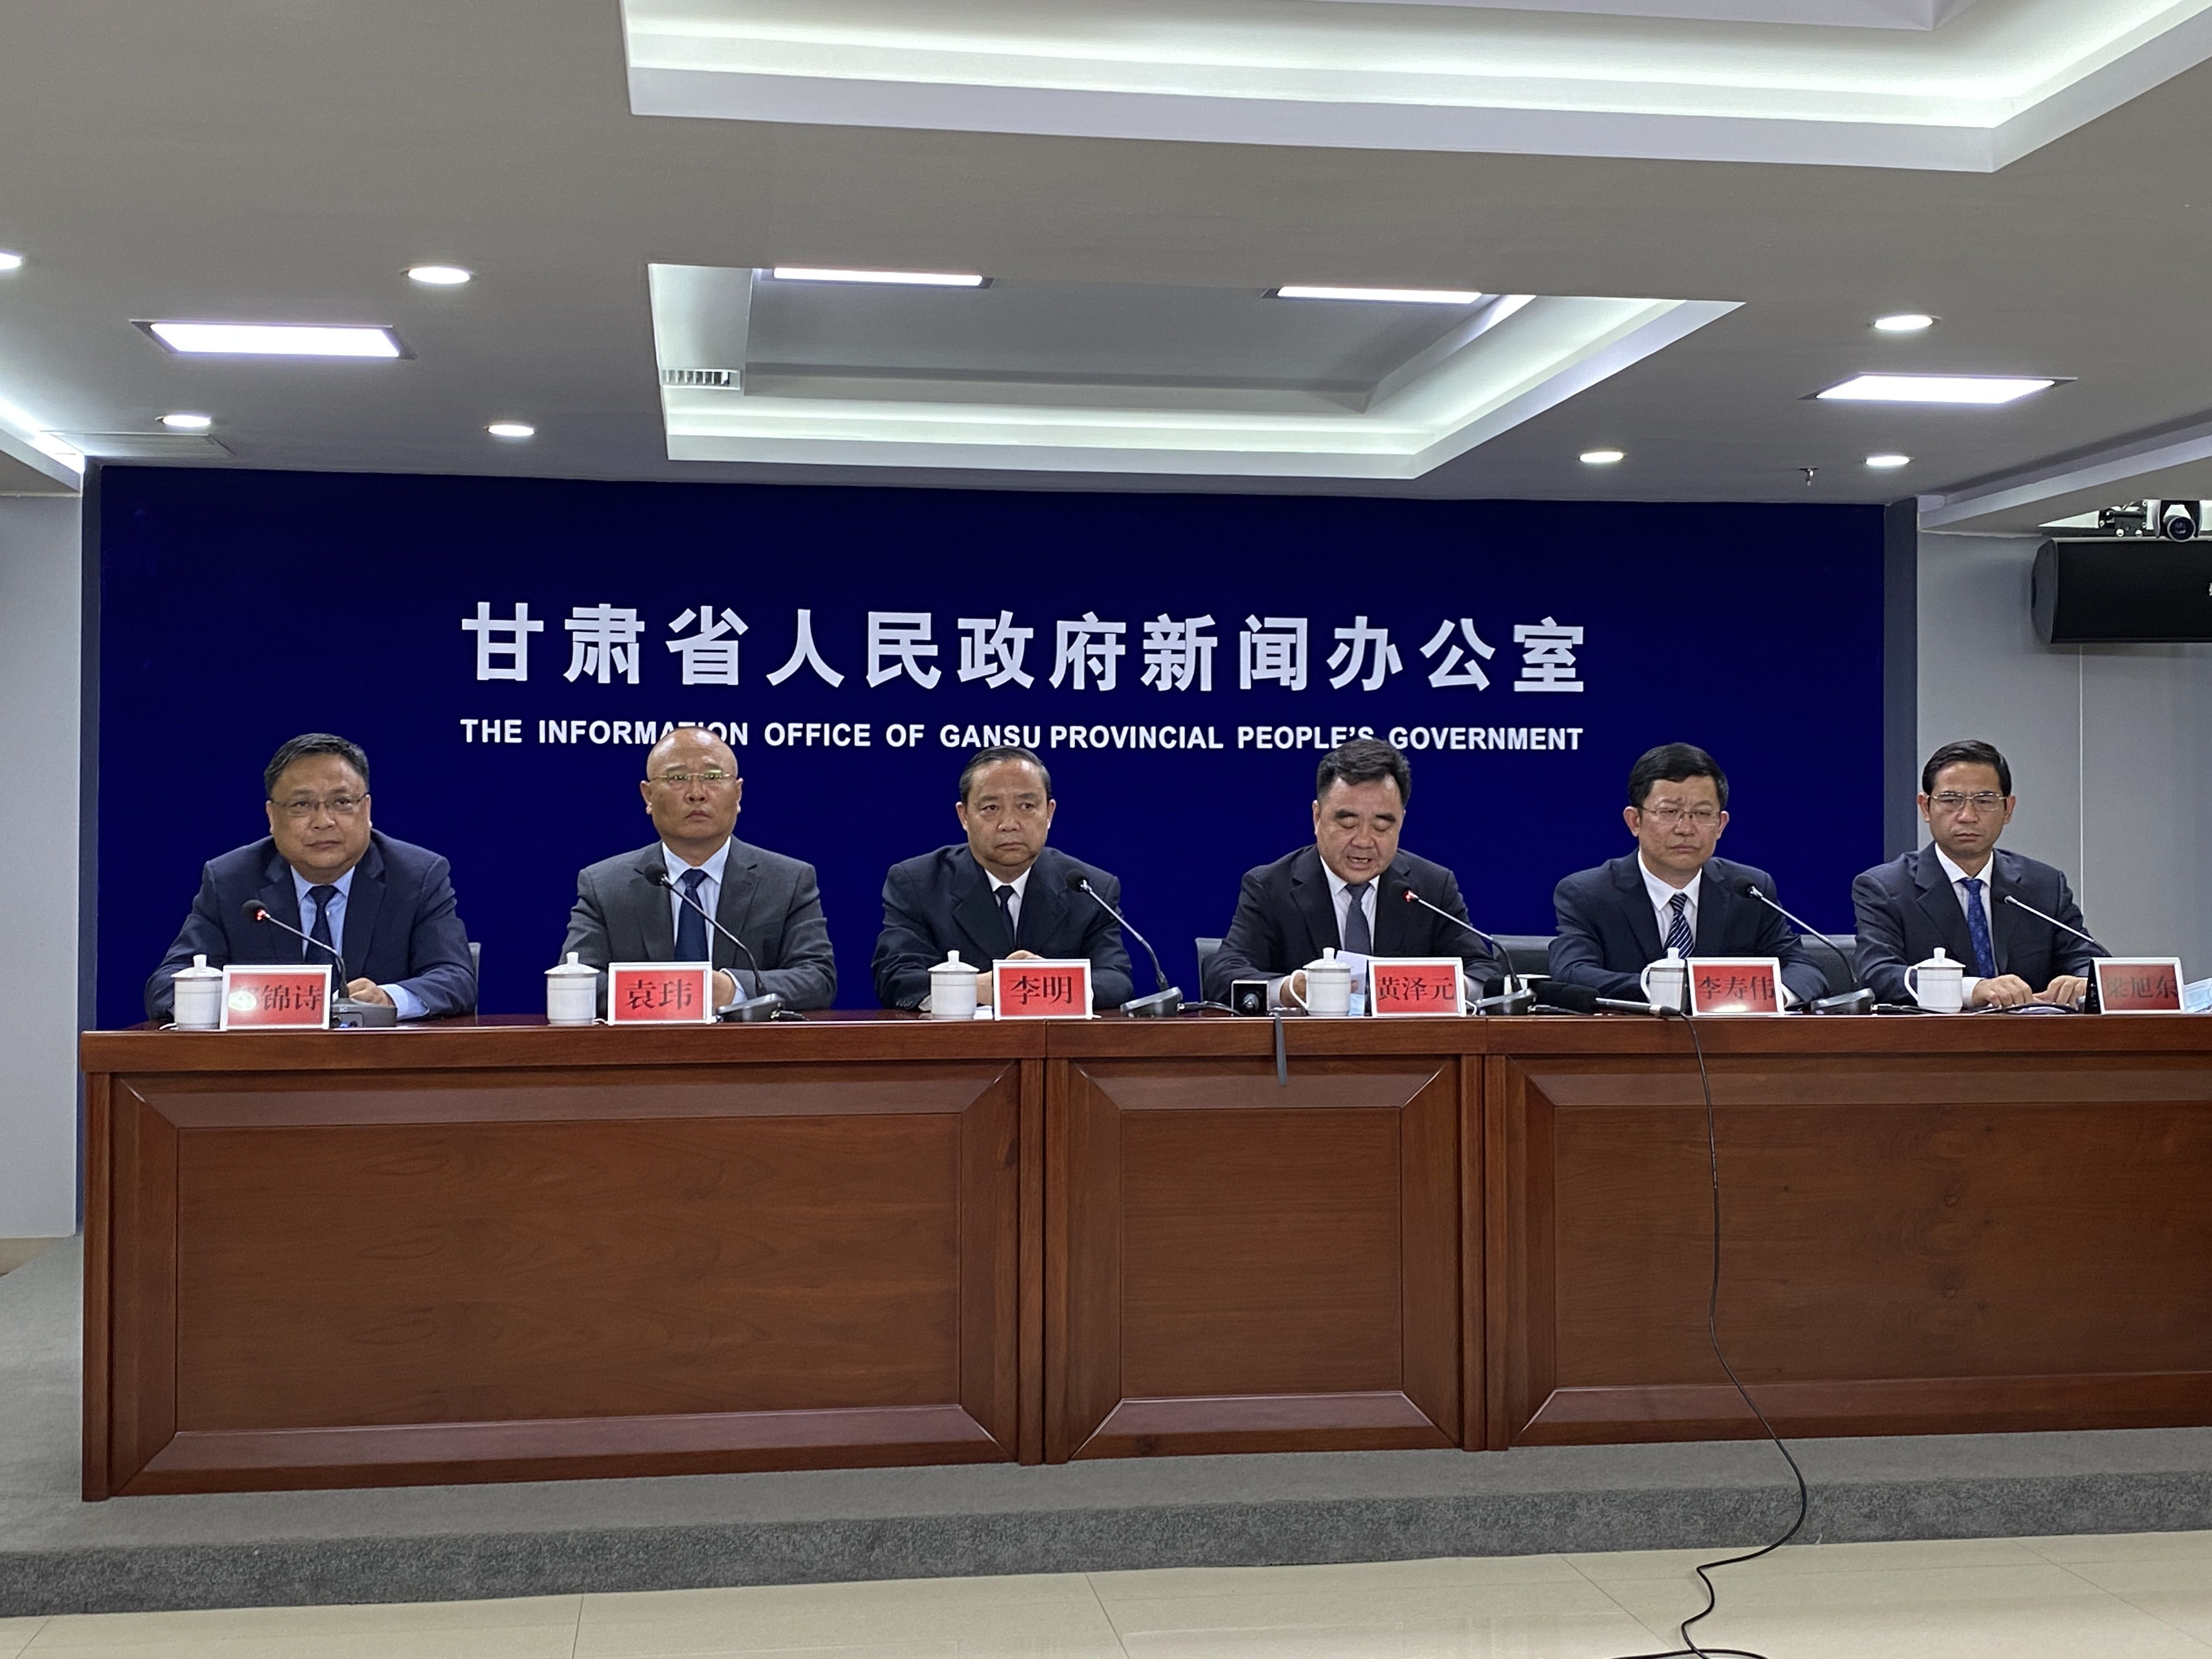 """甘肃省问责""""白银越野赛事故"""":27名公职人员被追责问责"""